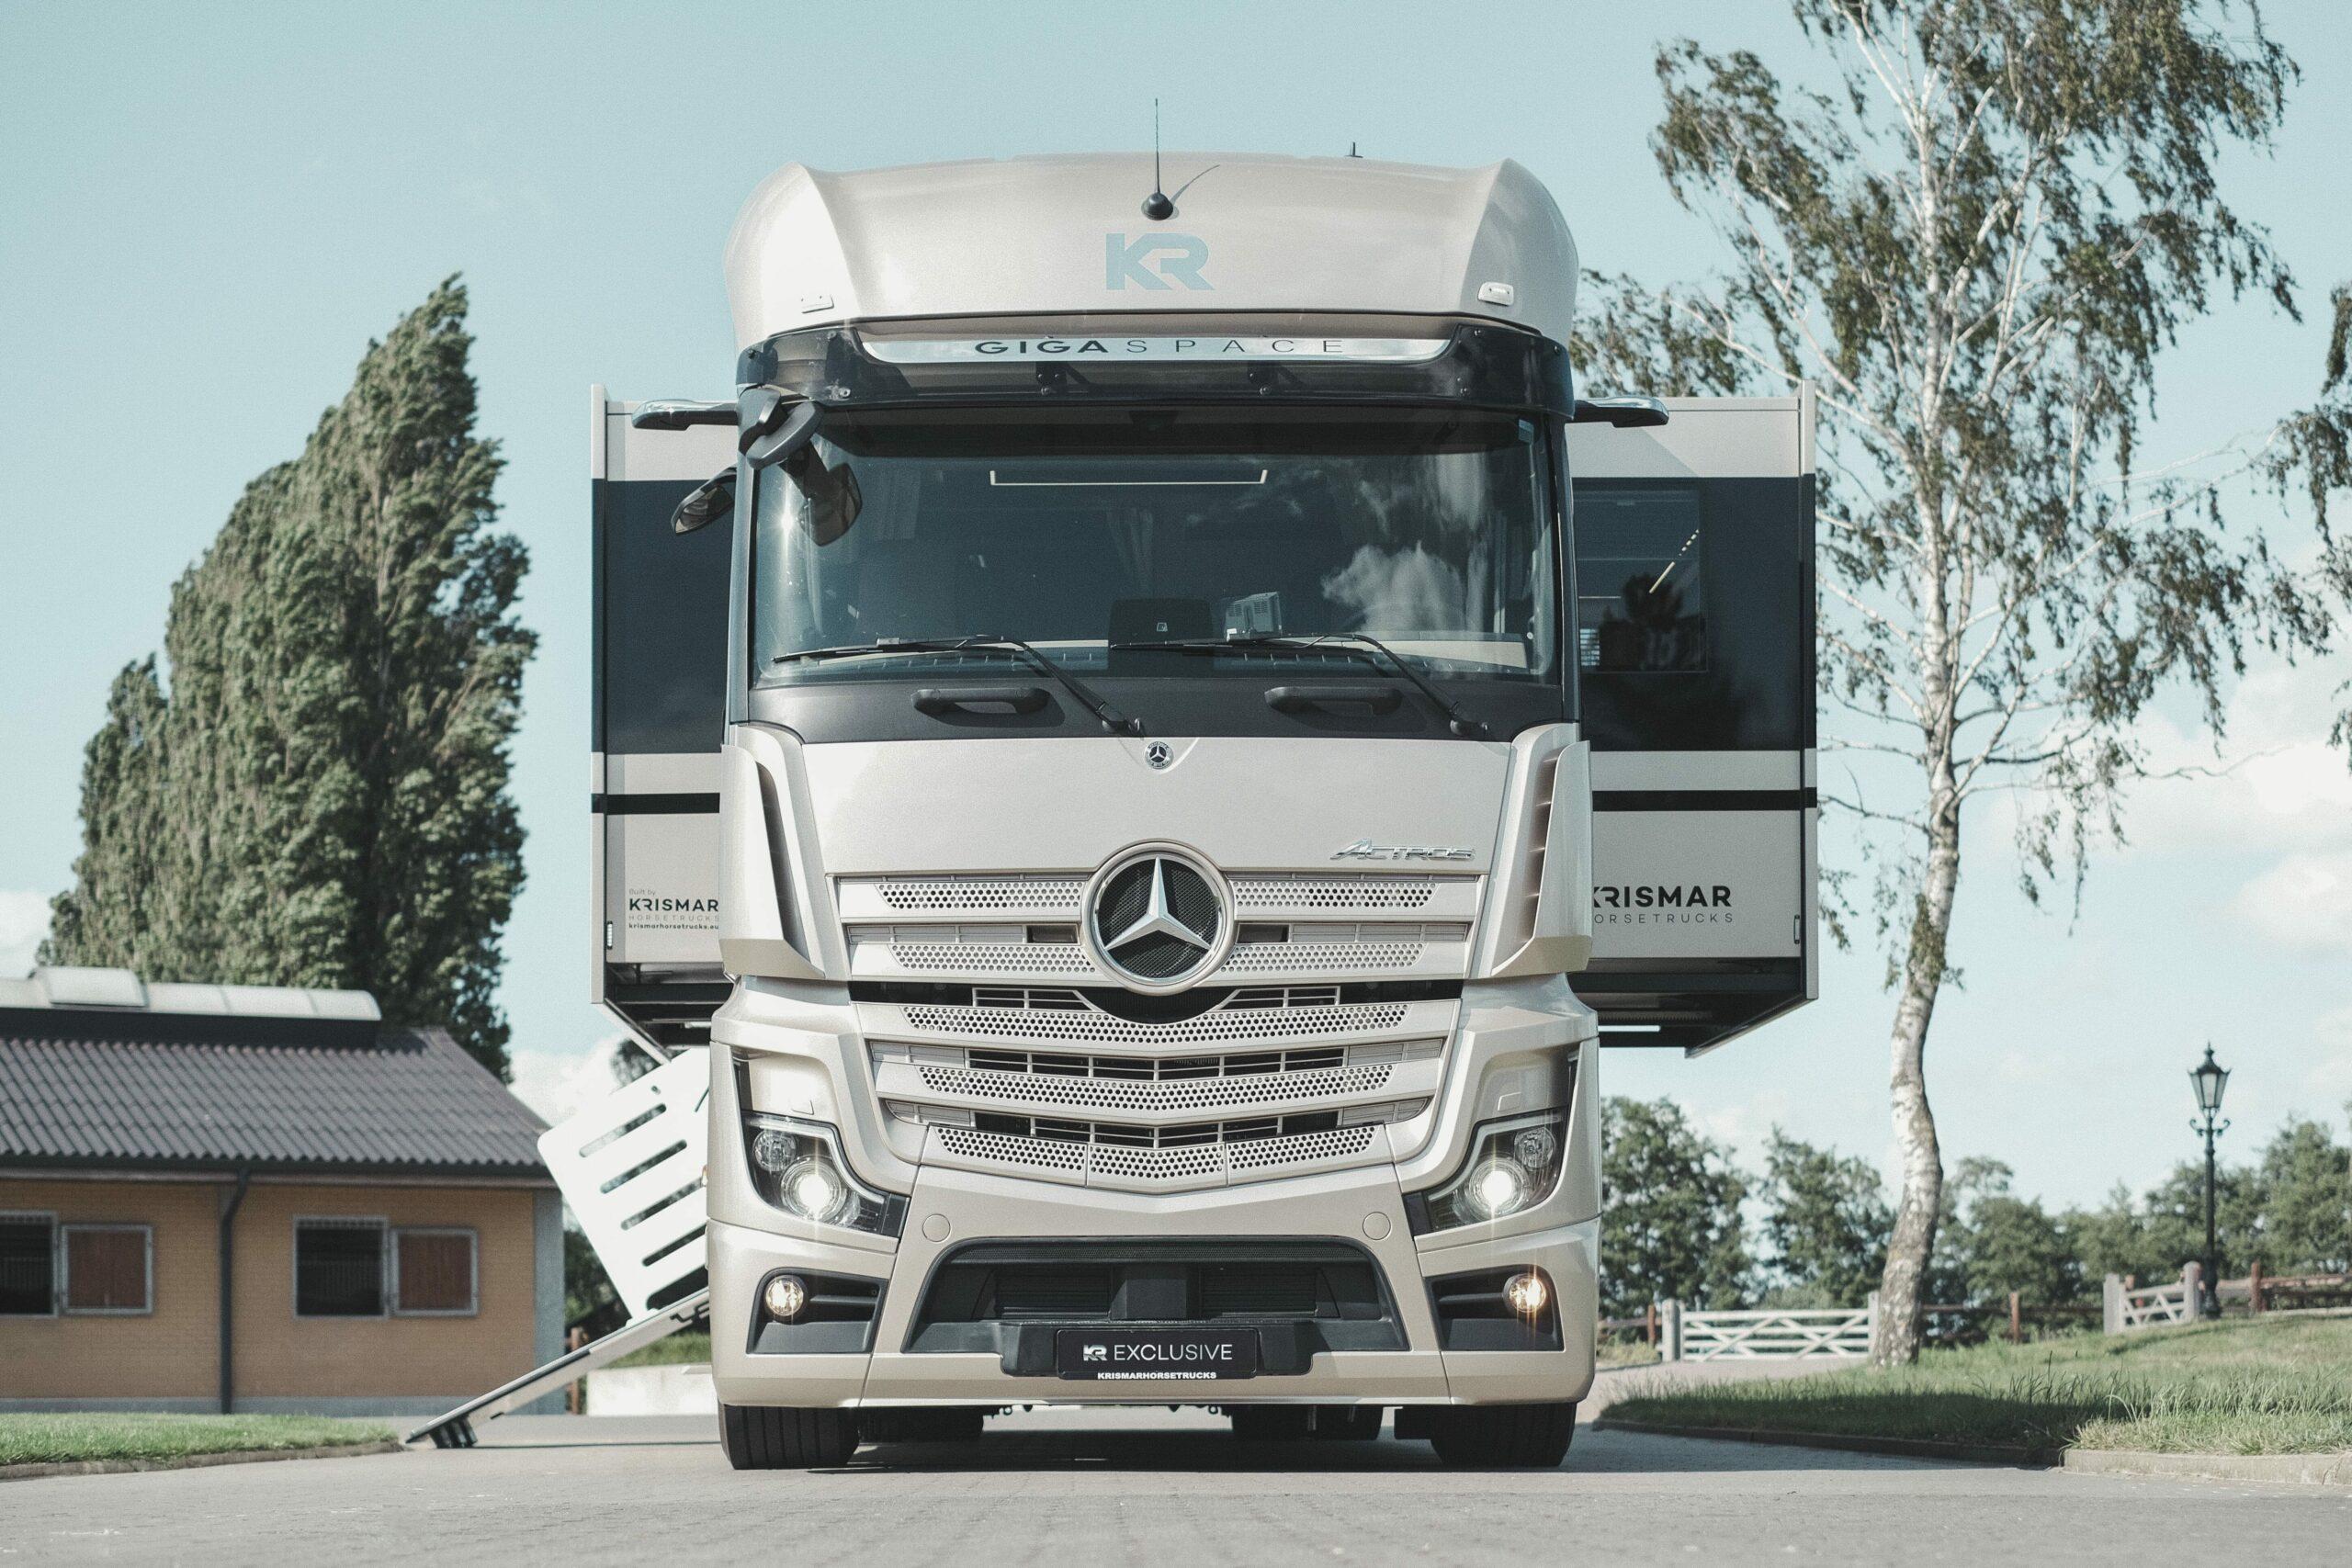 Krismar paardenvrachtwagen met XL cabine in beige/champagne kleur Mercedes